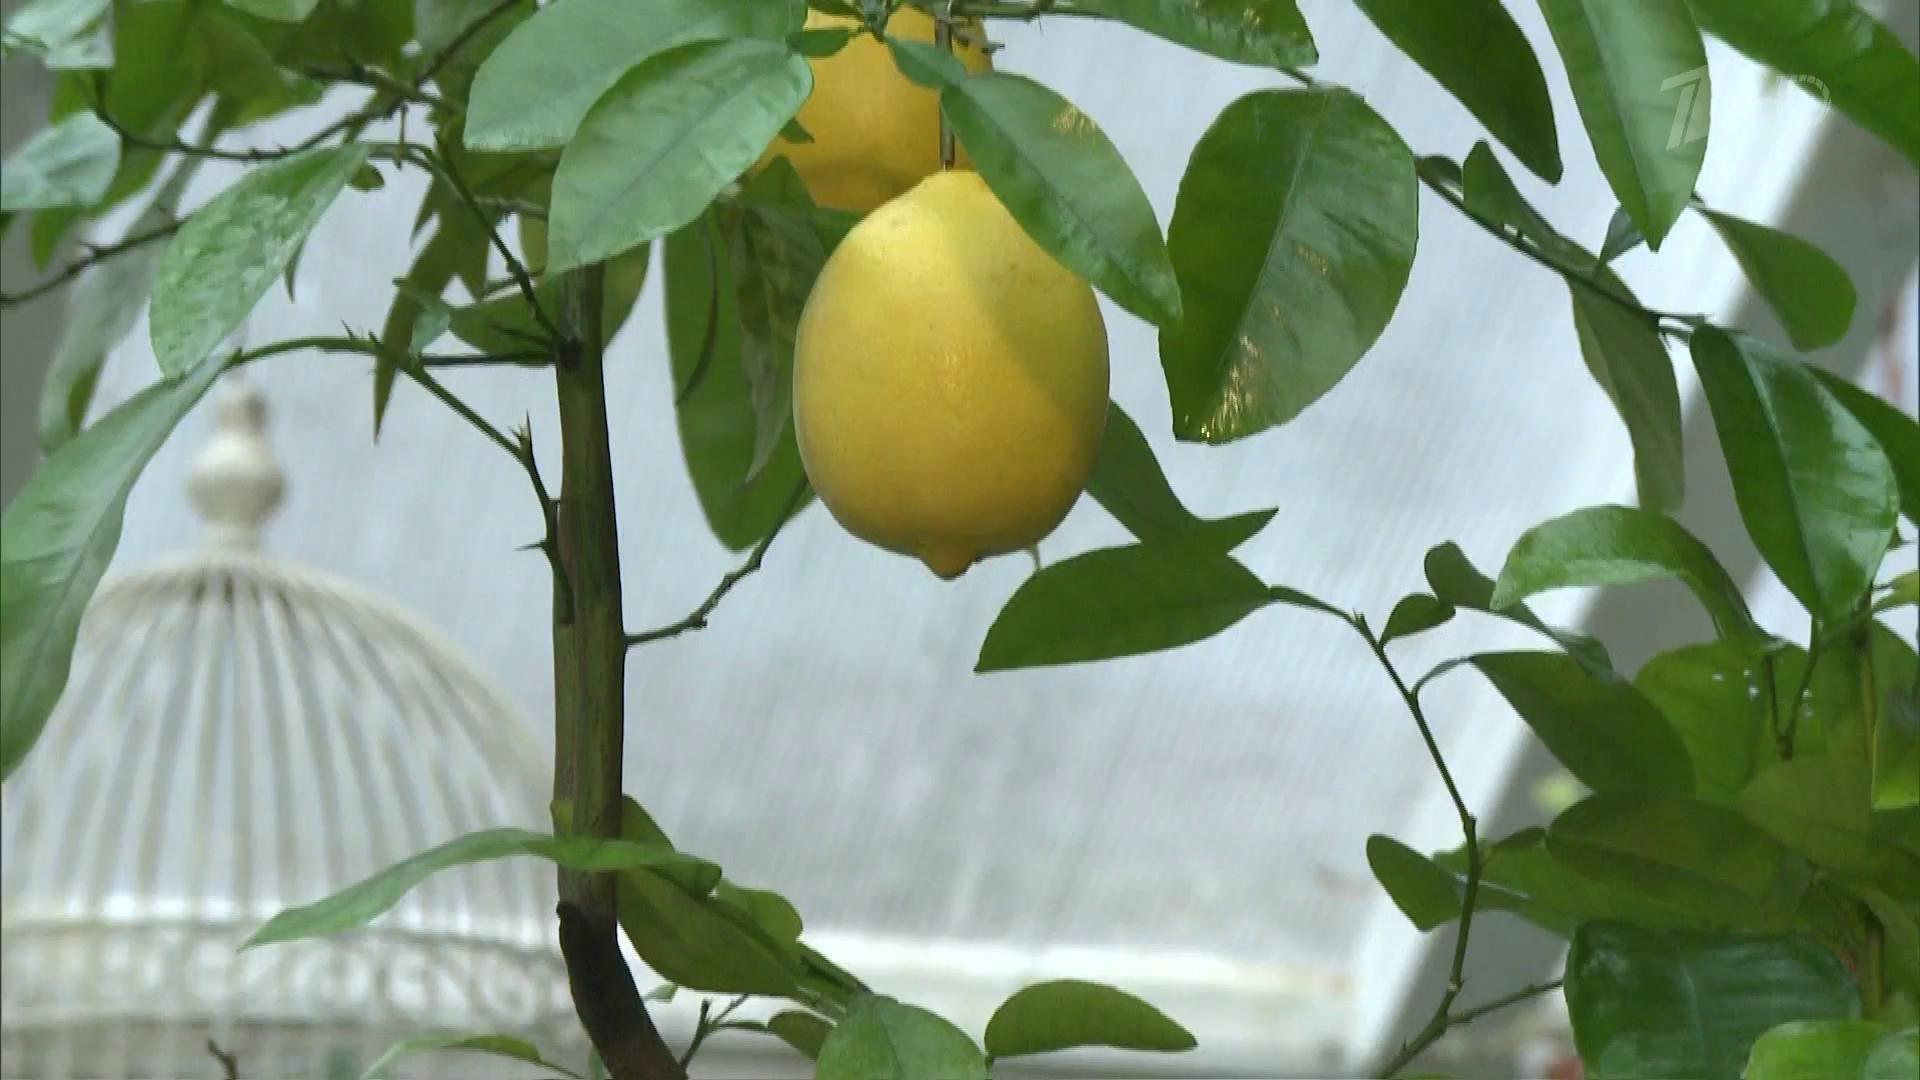 О вечнозеленом павловском лимоне. уход за ним в домашних условиях, размножение растения, болезни и вредители